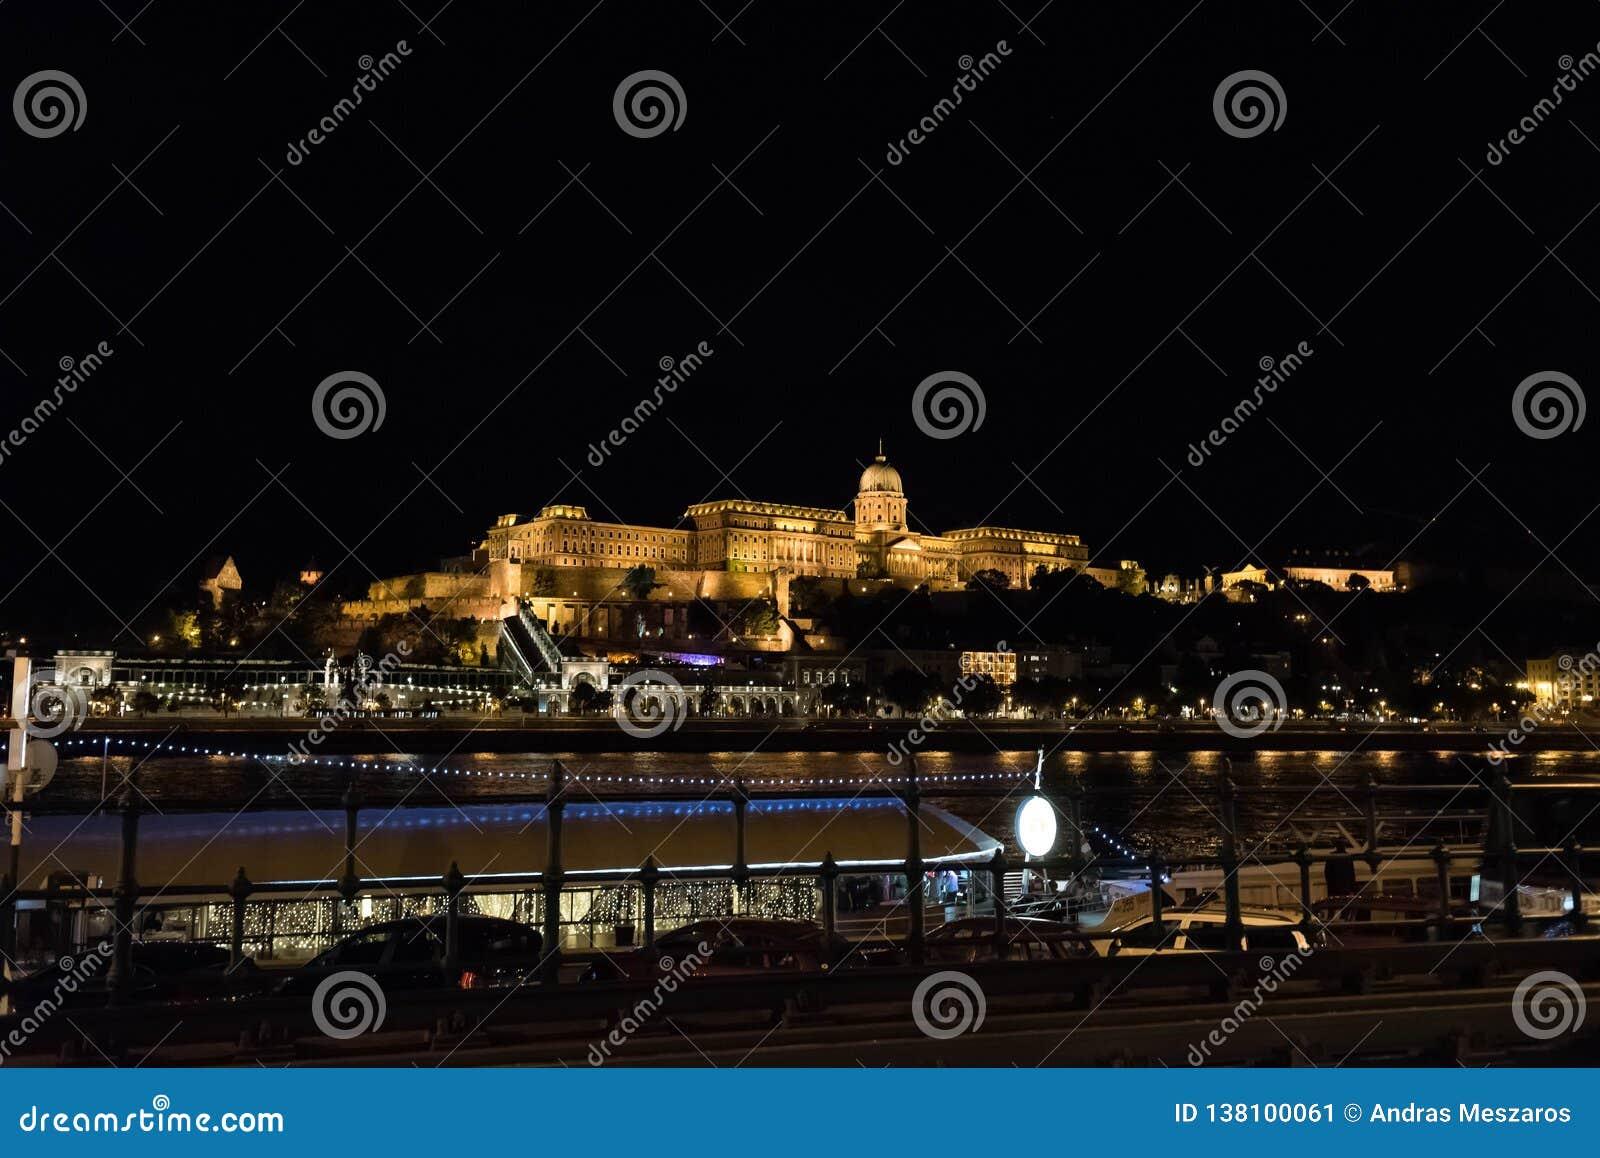 Πυροβολισμός νύχτας του κάστρου Buda που βρίσκεται στη Βουδαπέστη